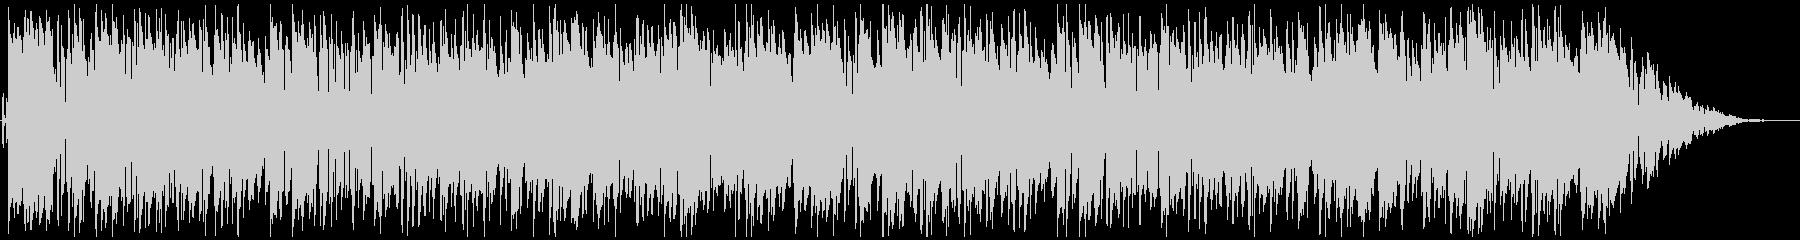 ほのぼの脱力系アレンジ「G線上のアリア」の未再生の波形